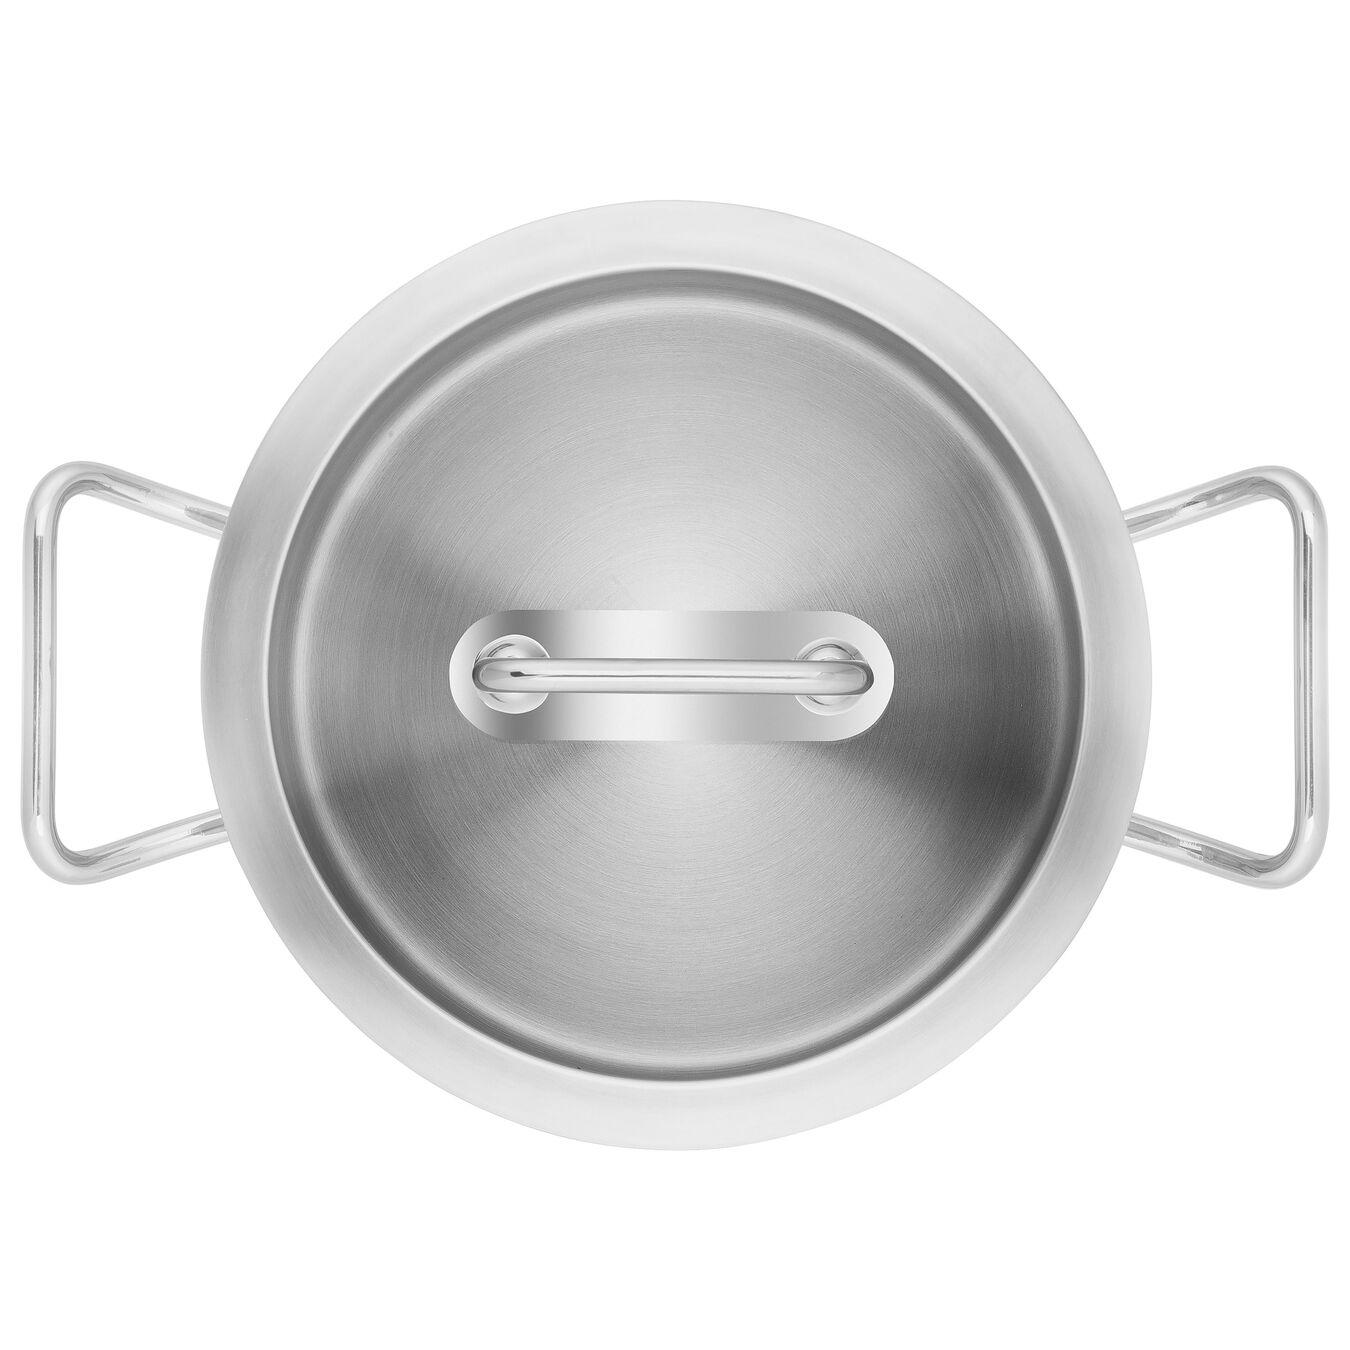 Derin Tencere | 18/10 Paslanmaz Çelik | 20 cm,,large 6